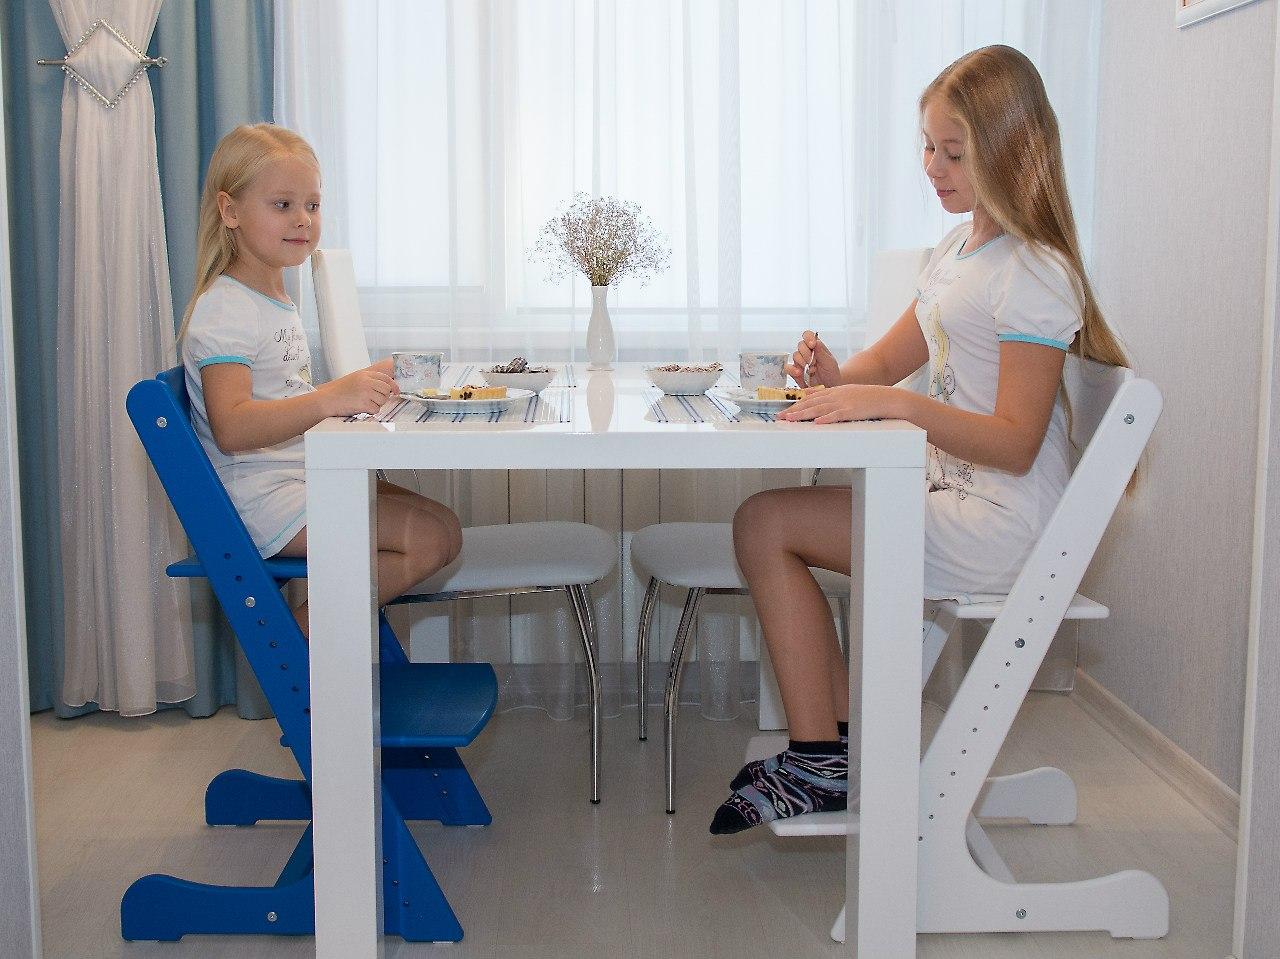 Сбор заказов. Конёк ГорбунЁк любимый растущий (регулируемый) стульчик для детей. - 5